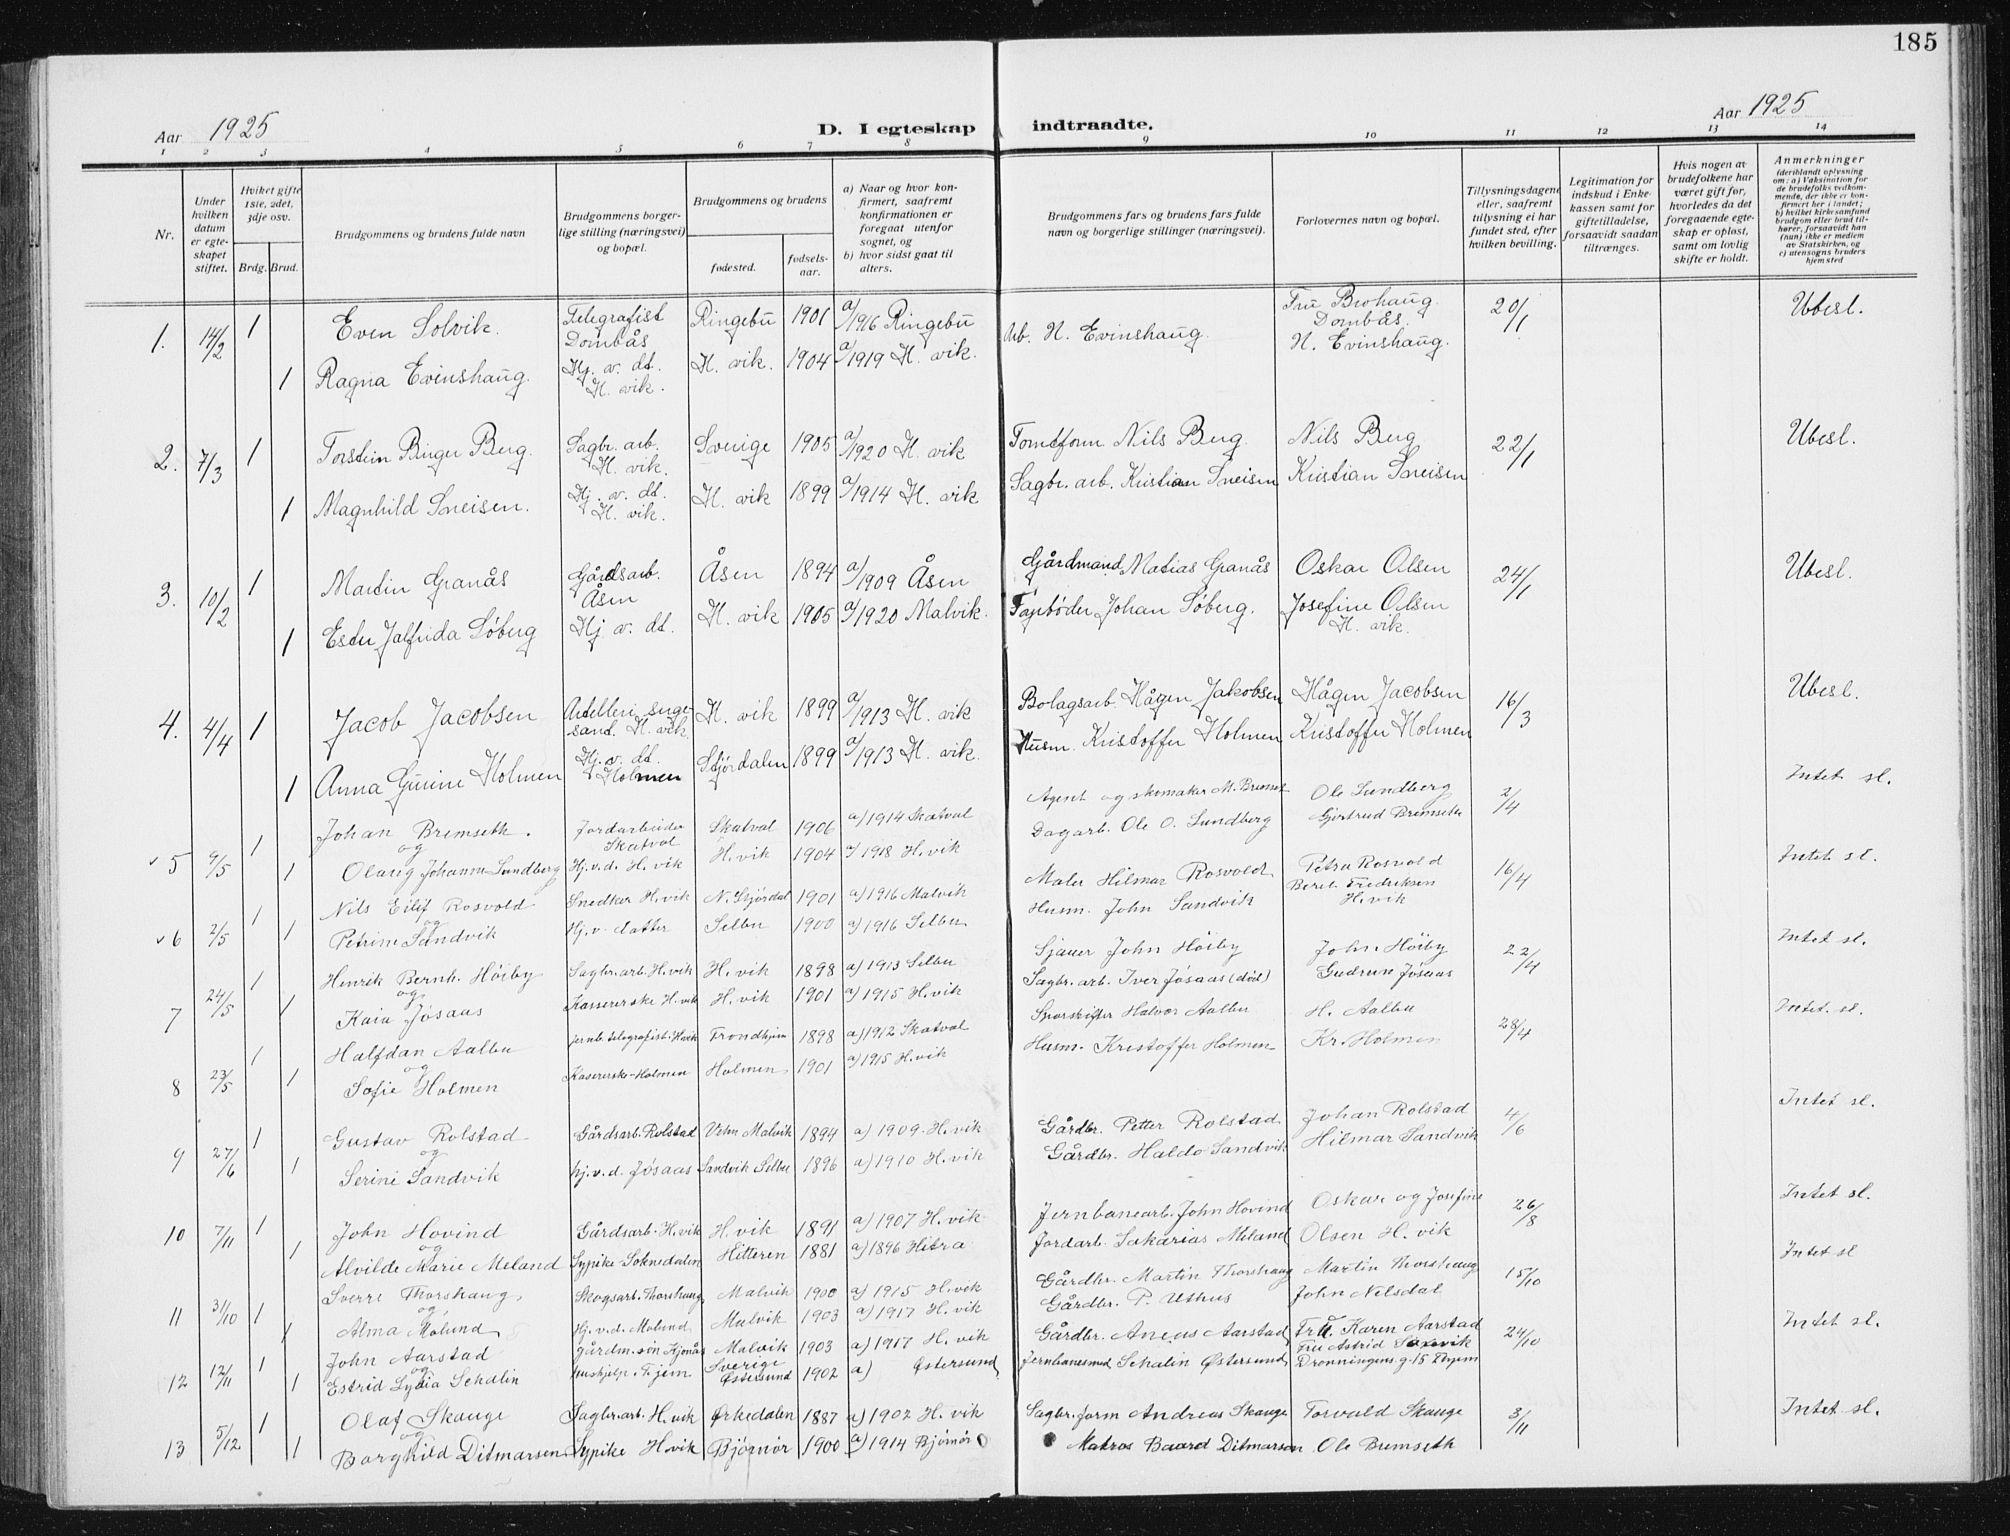 SAT, Ministerialprotokoller, klokkerbøker og fødselsregistre - Sør-Trøndelag, 617/L0431: Klokkerbok nr. 617C02, 1910-1936, s. 185